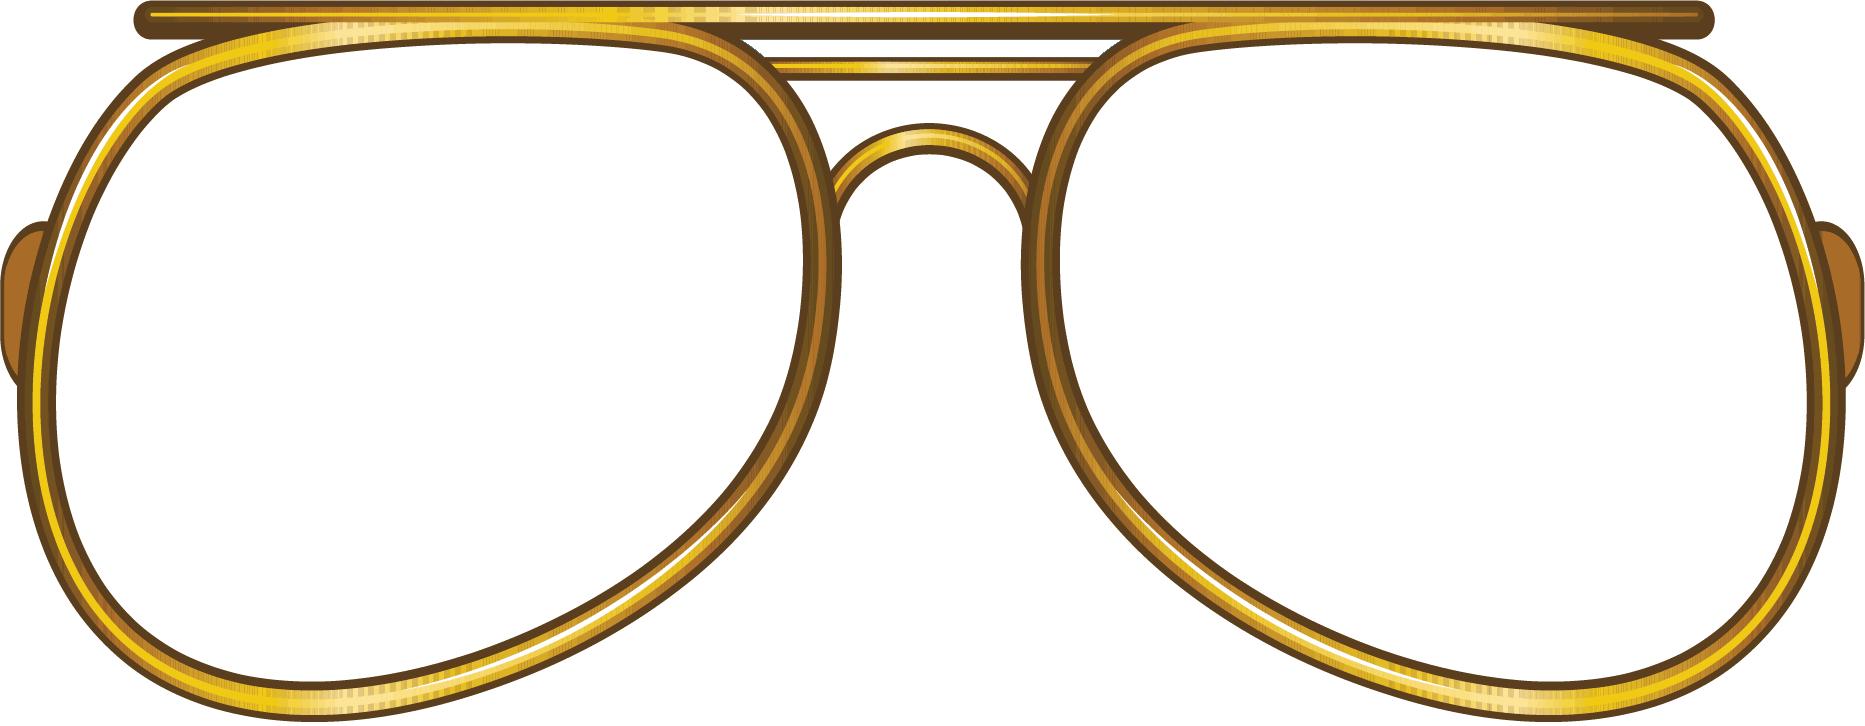 1865x726 Hipster Clipart Sunglass